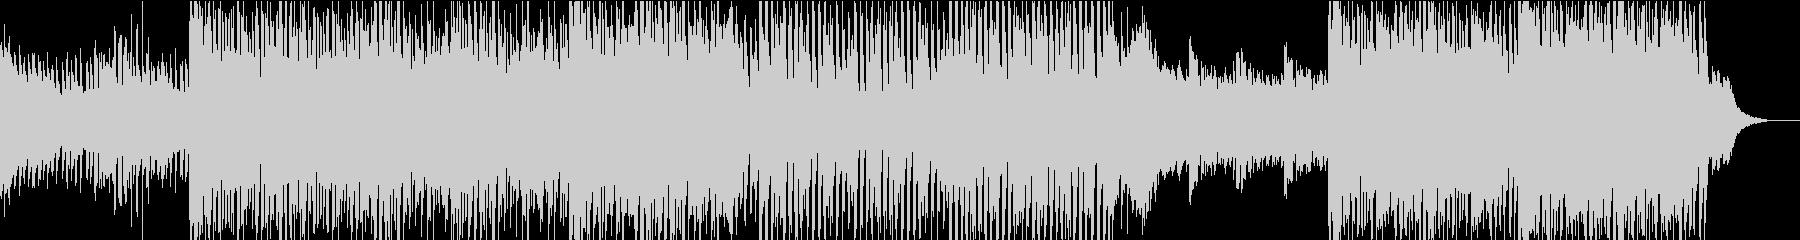 爽やかなハウスミュージックの未再生の波形